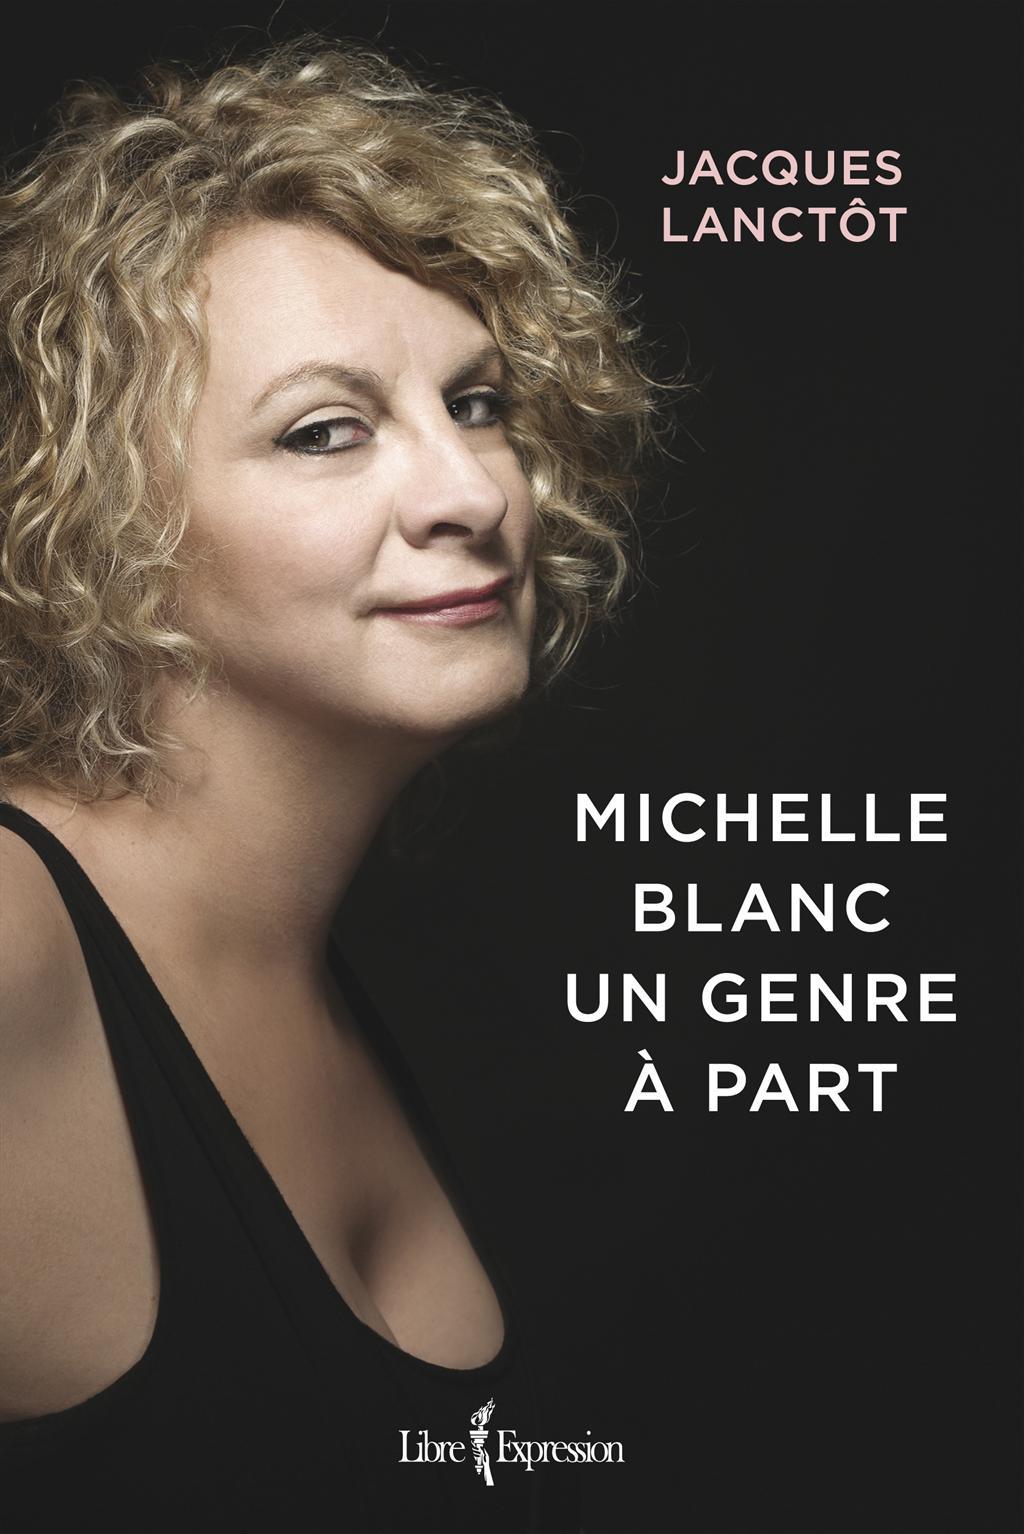 Michelle Blanc